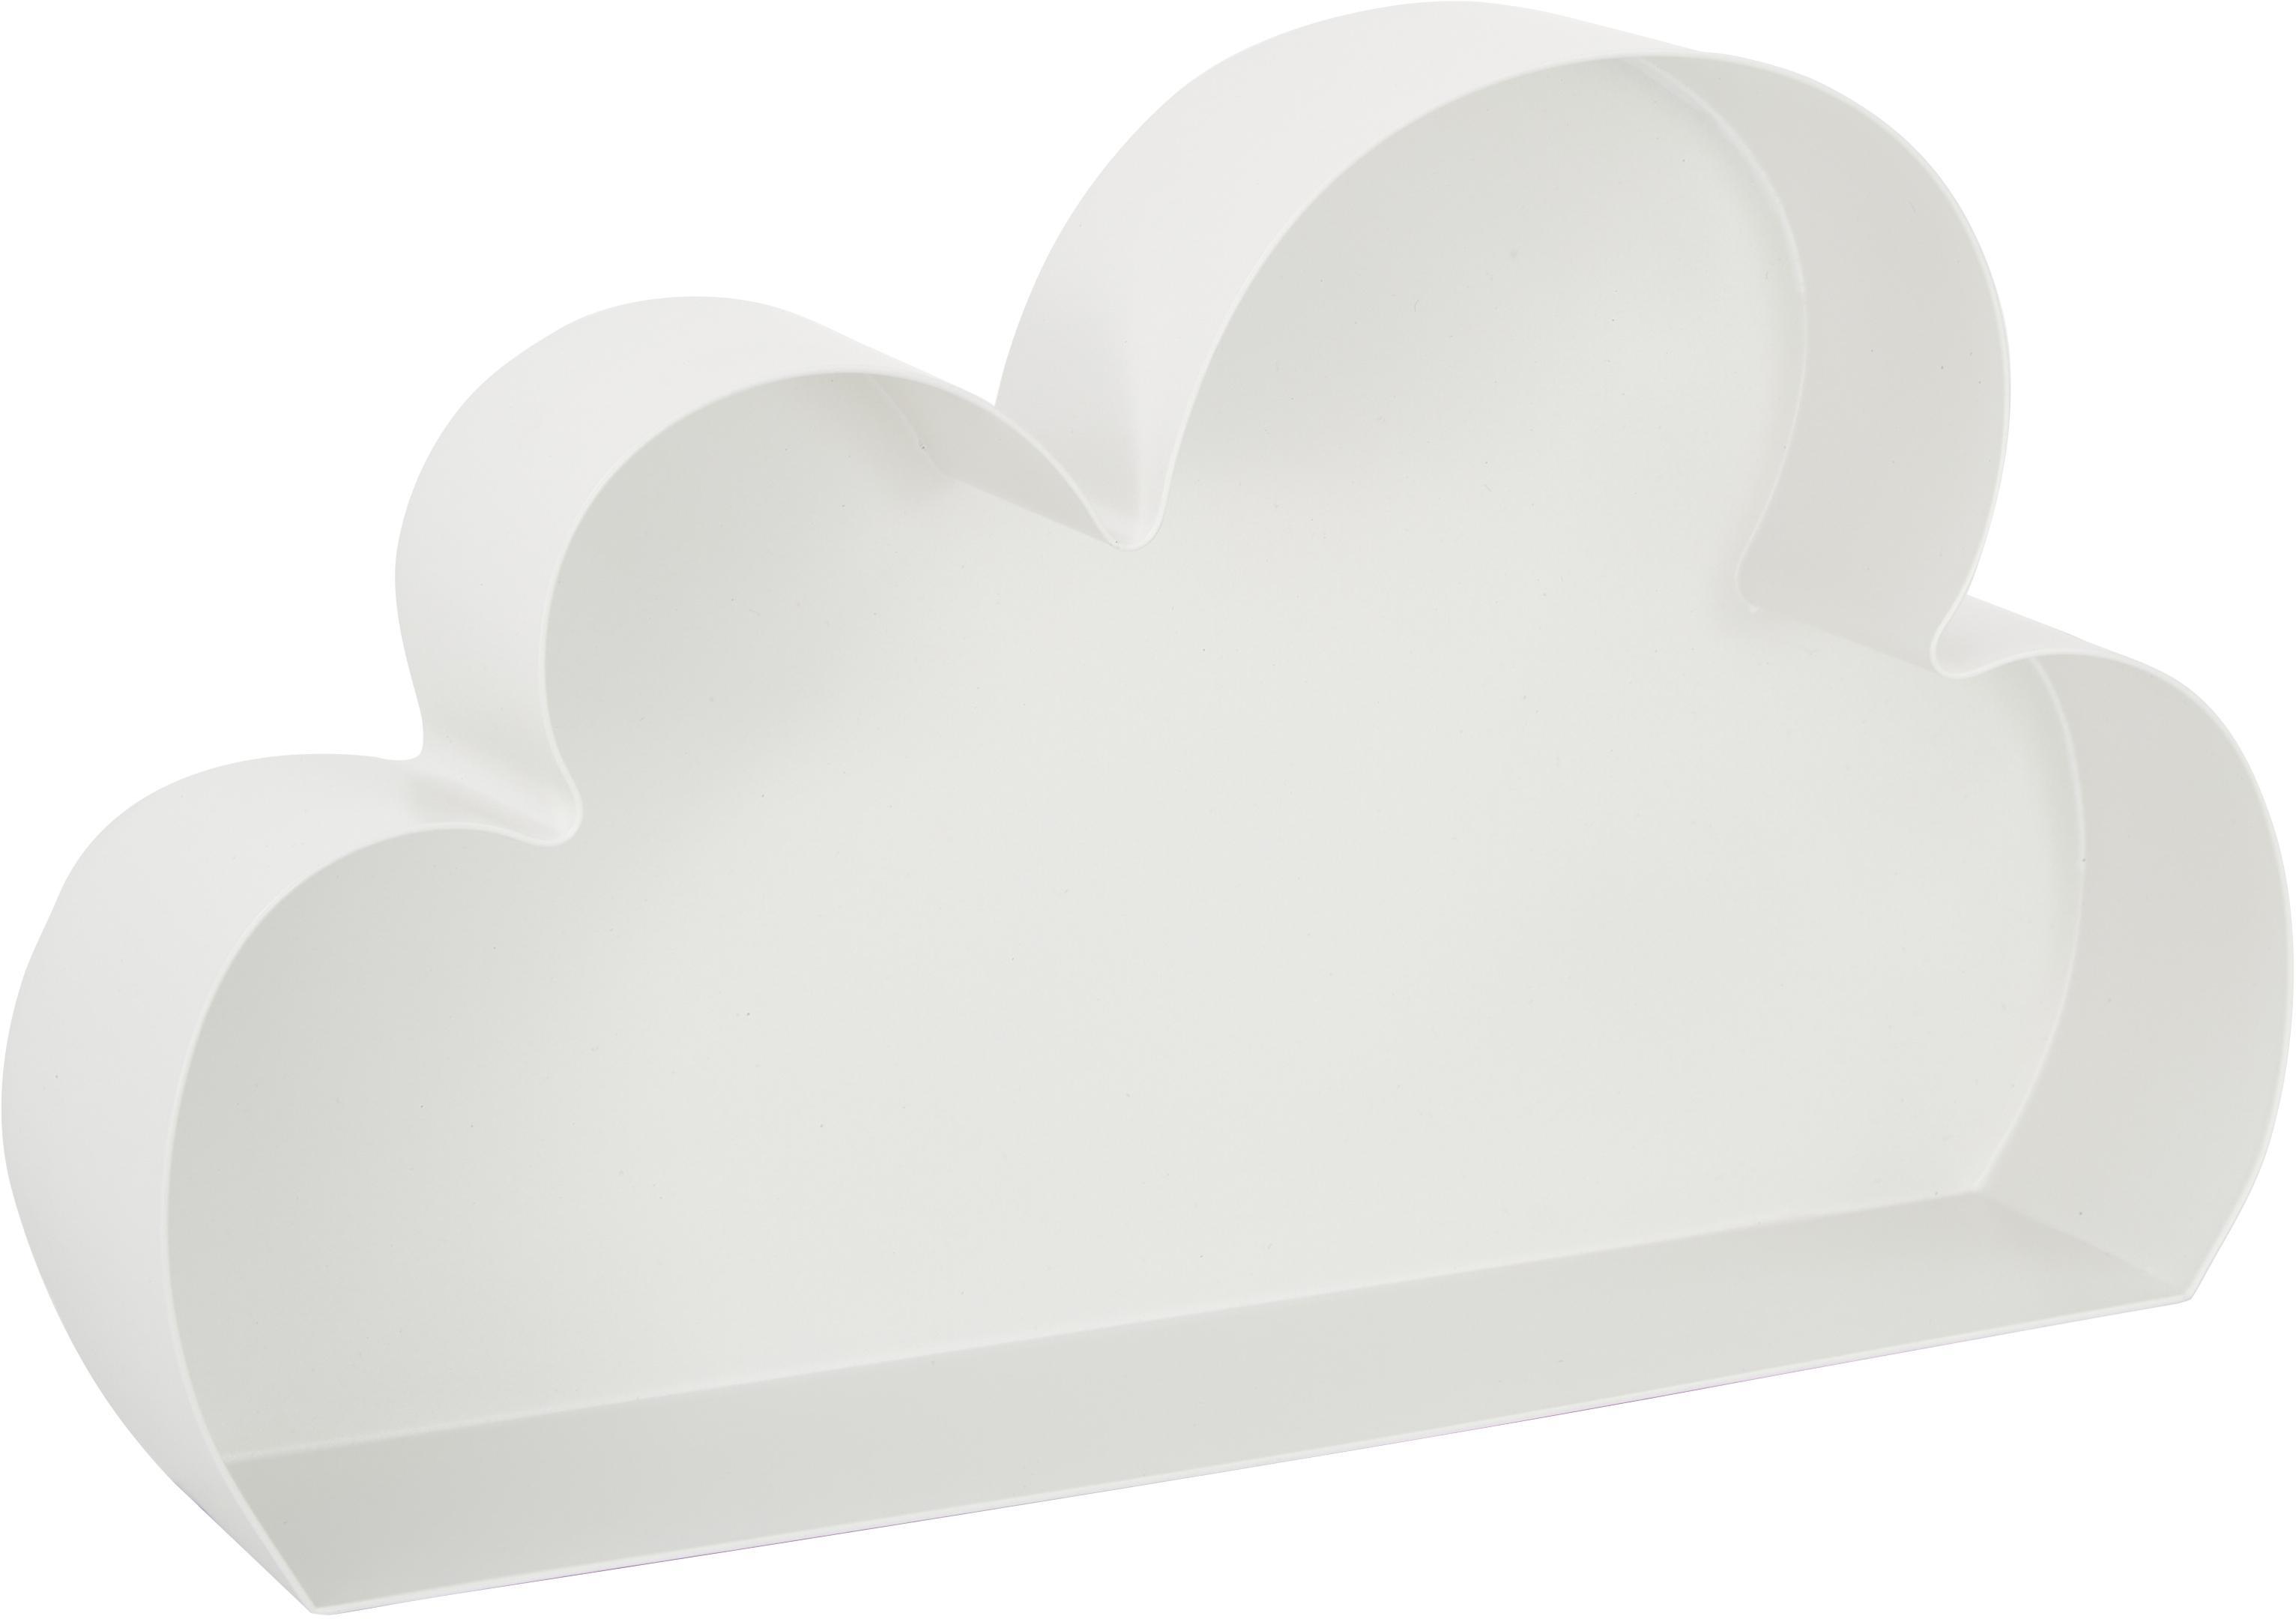 Mensola nuvola in metallo verniciato Cloud, Metallo verniciato, Bianco, Larg. 40 x Alt. 23 cm